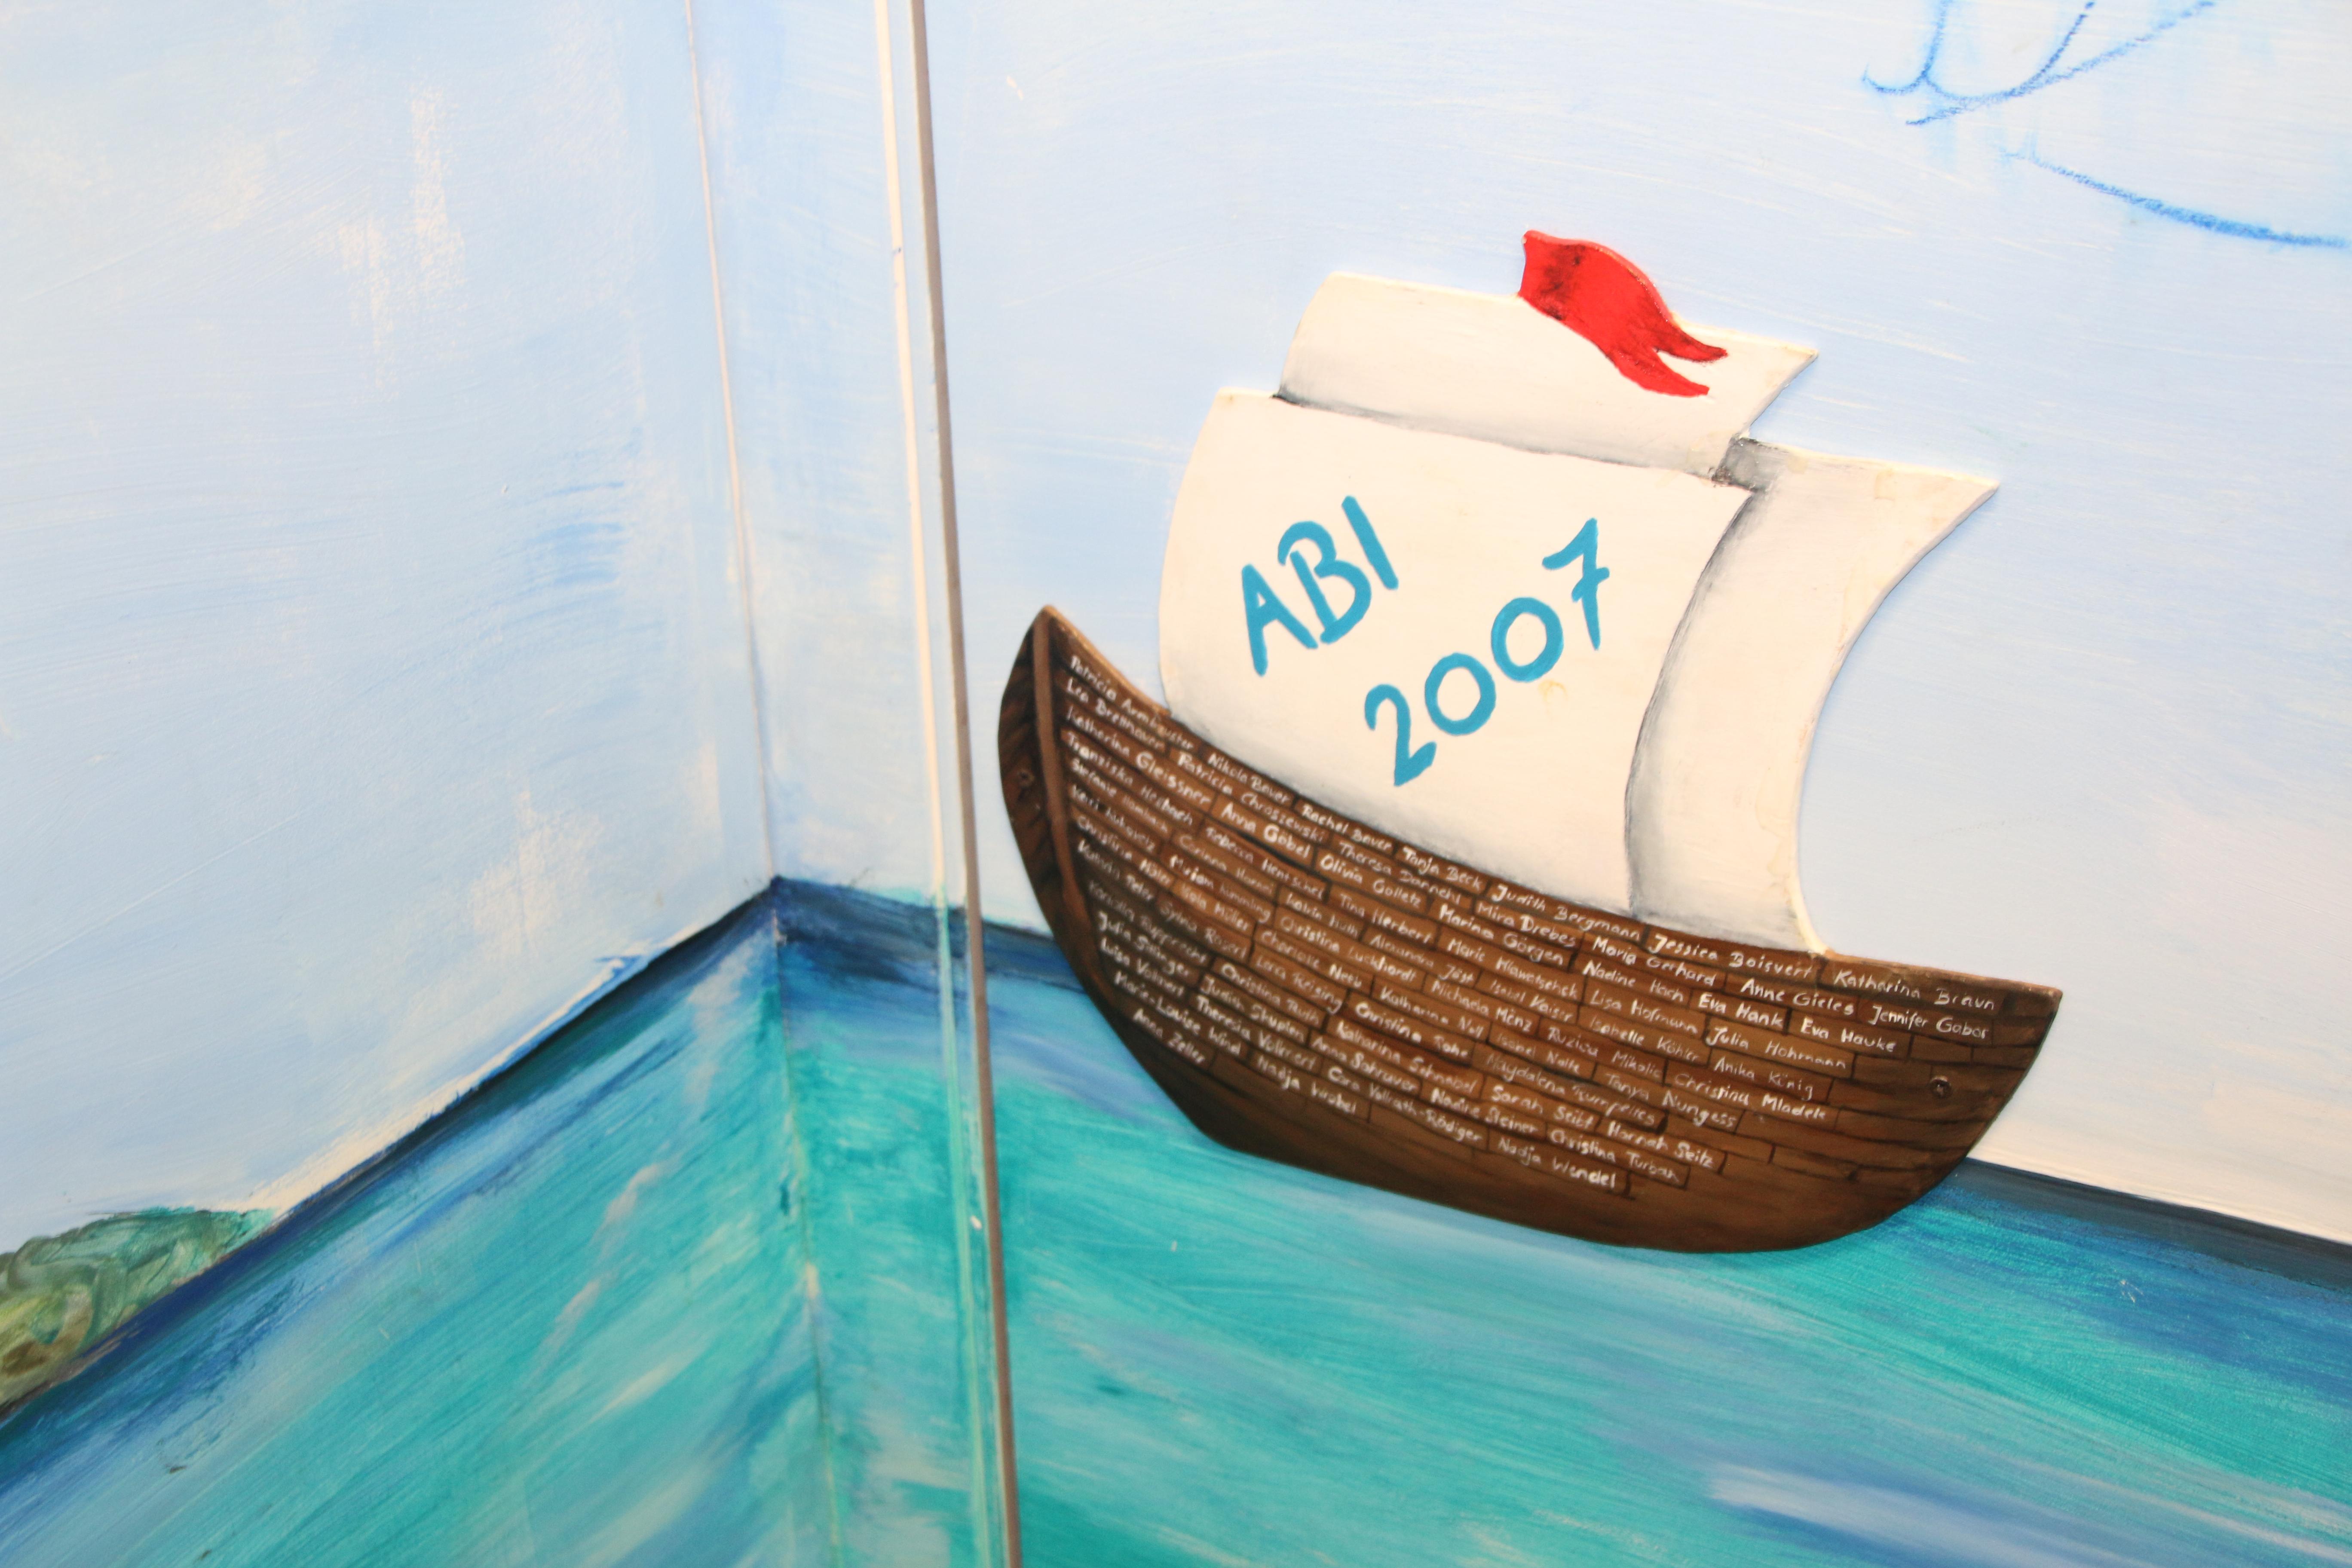 Abi_2007